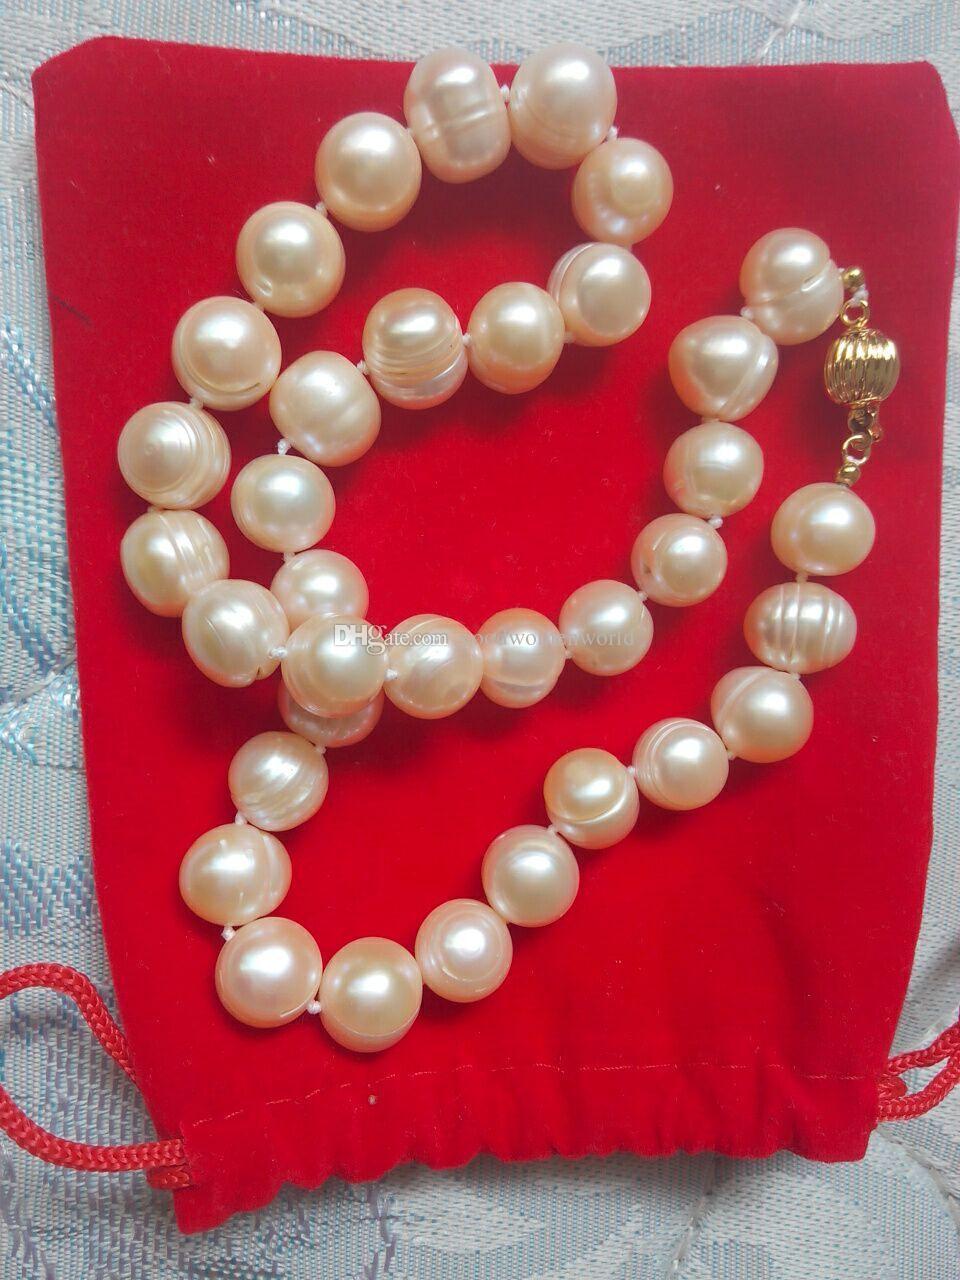 Rápido Frete grátis New Fine Pérola Jóias 100% natural 18 polegadas 11-12mm Natural mar do sul rosa pérolas de ouro colar de 925 prata